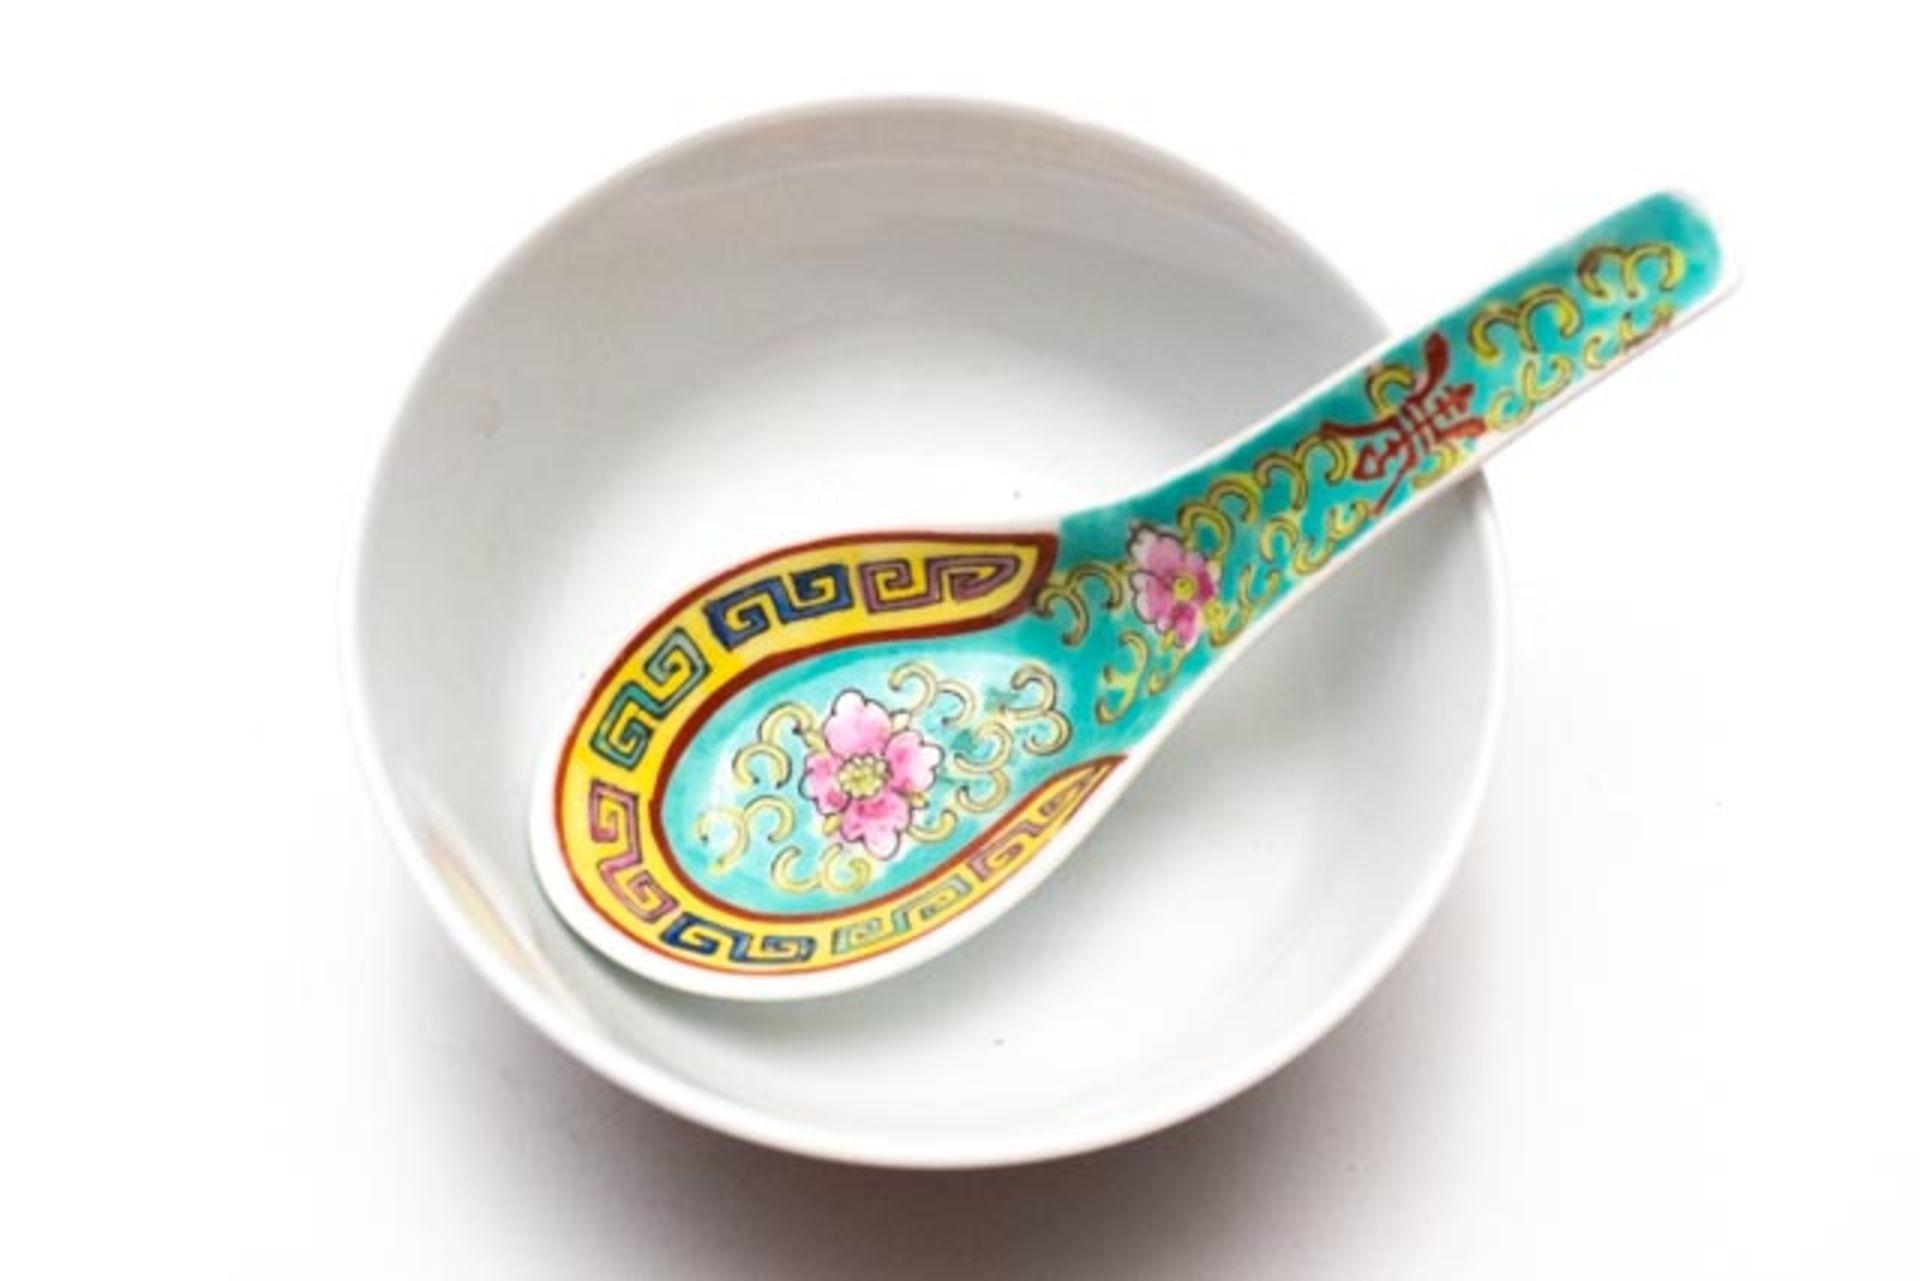 Asiatische Porzellankumme mit Porzellanlöffel - Image 2 of 5